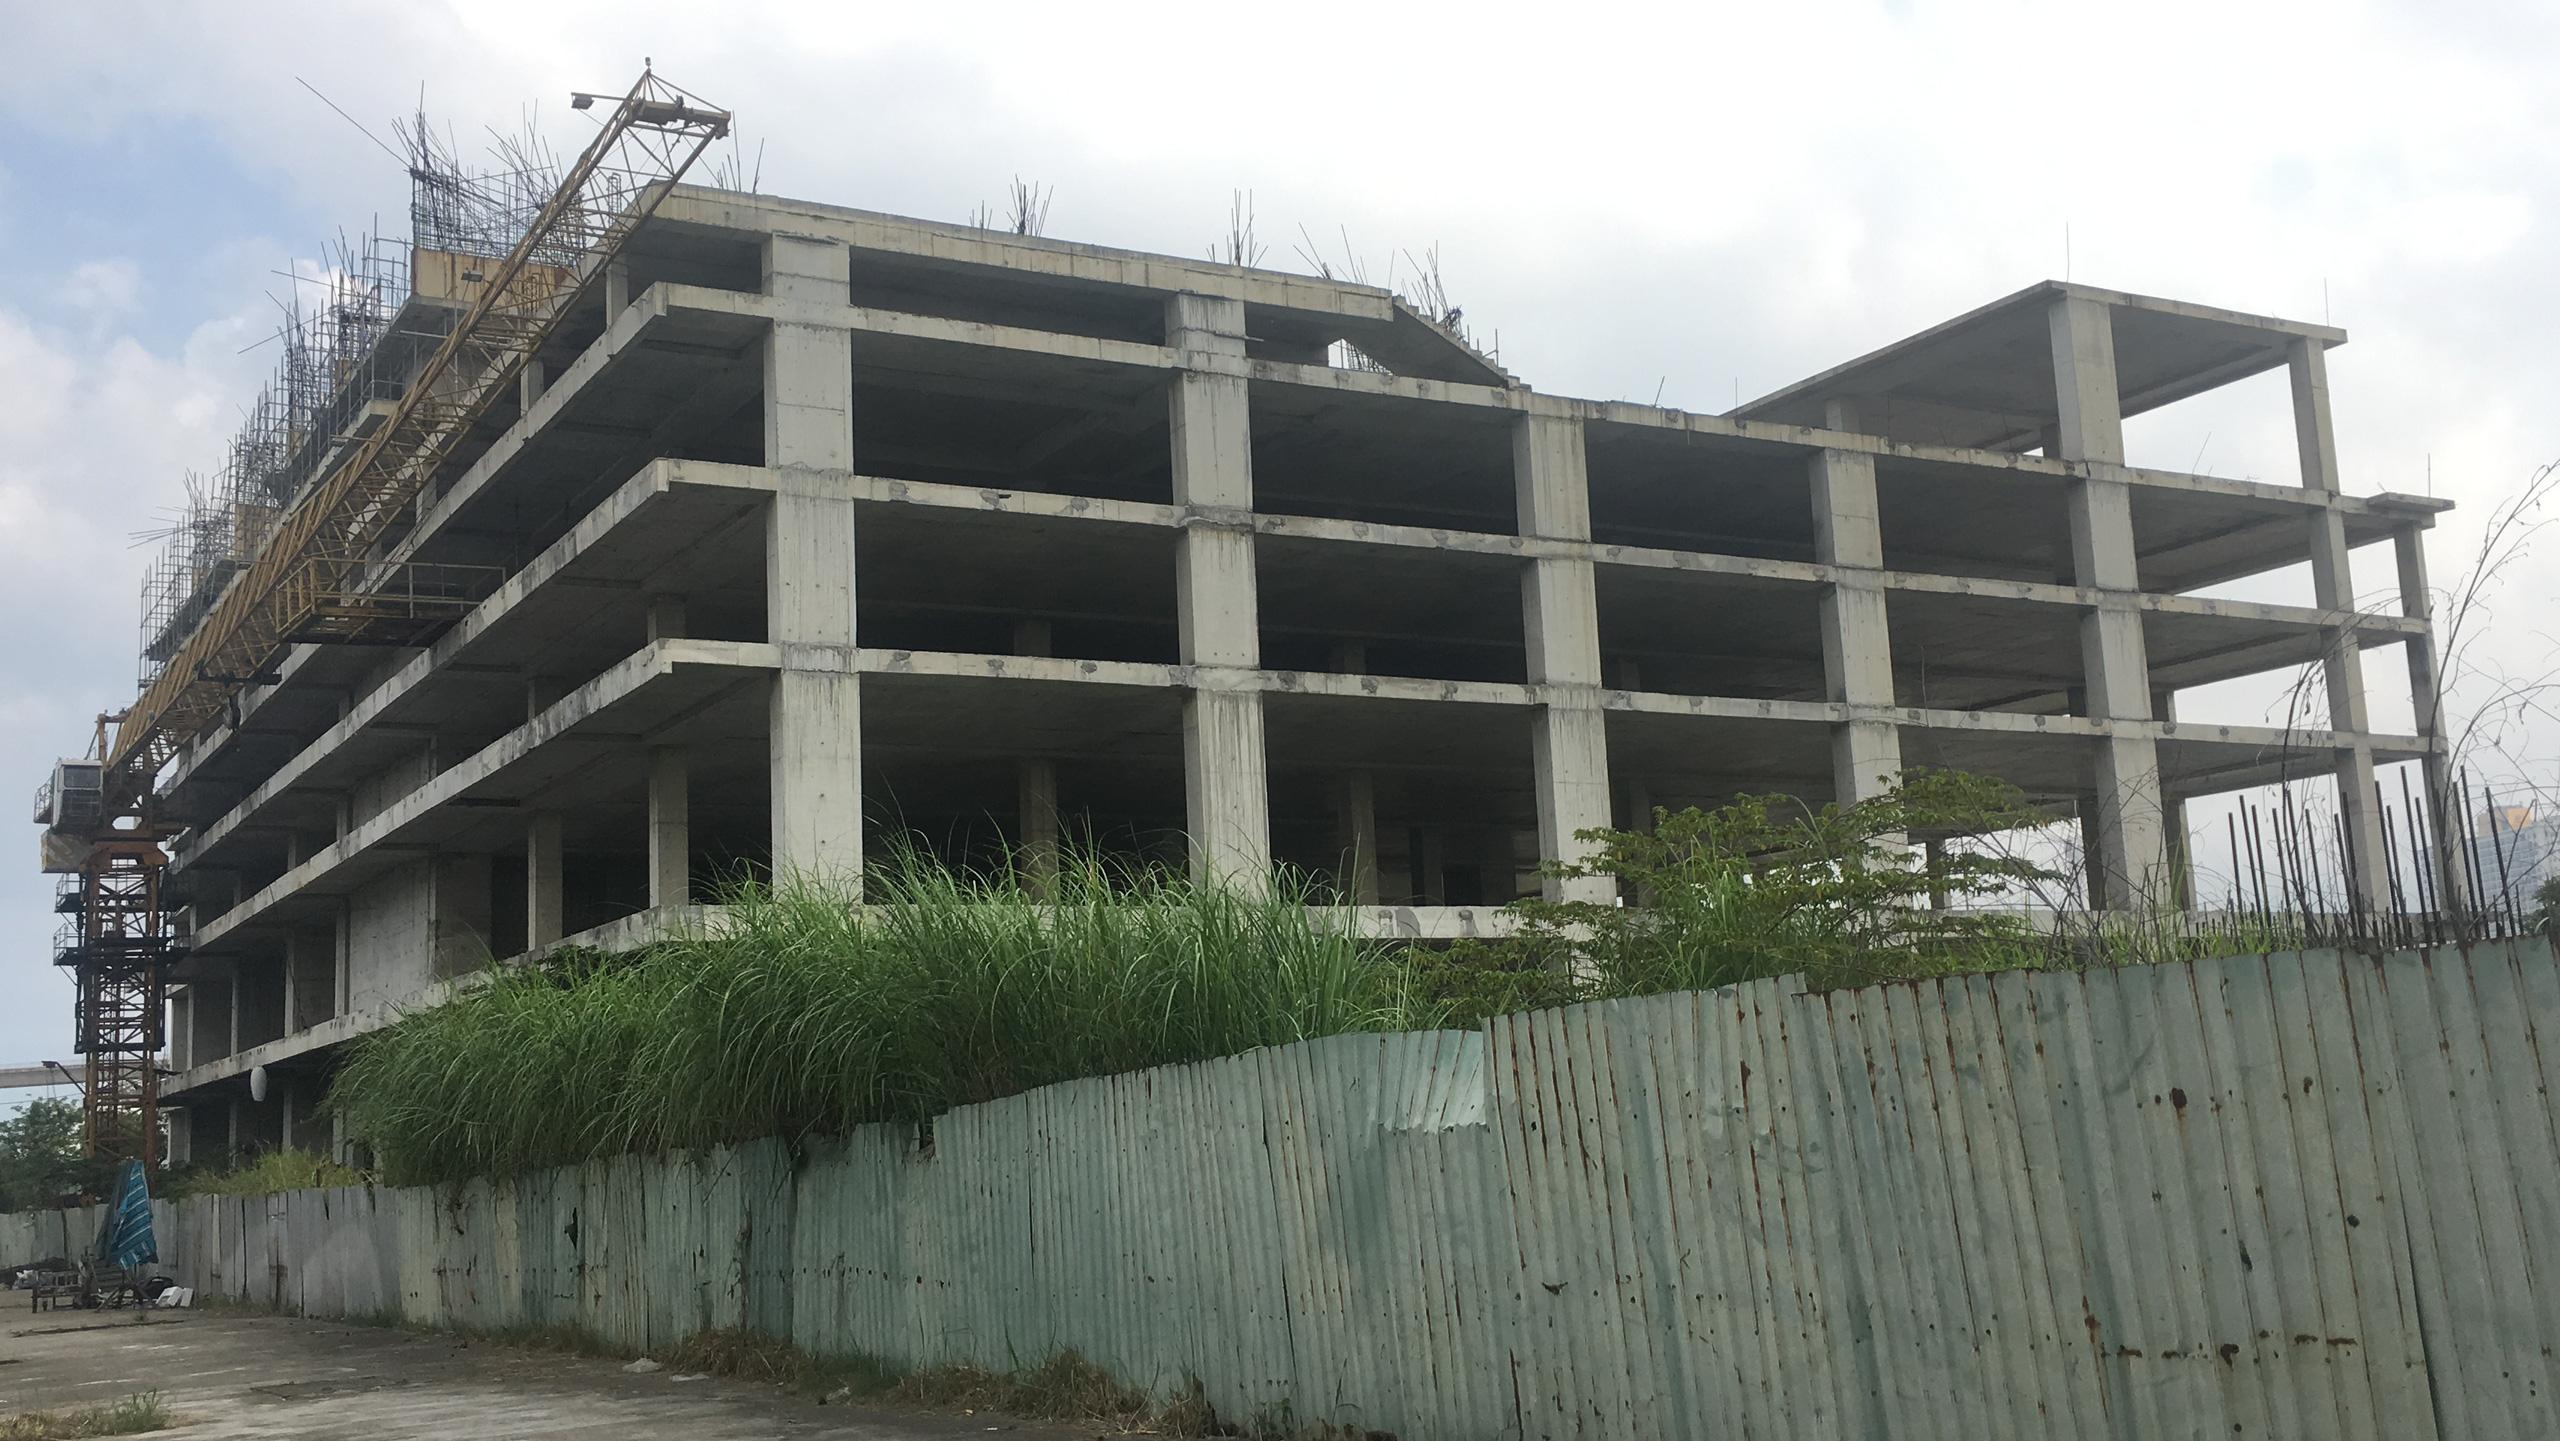 Dự án chung cư cao cấp bỏ hoang trên đất vàng mặt tiền sông Hàn Đà Nẵng - Ảnh 6.